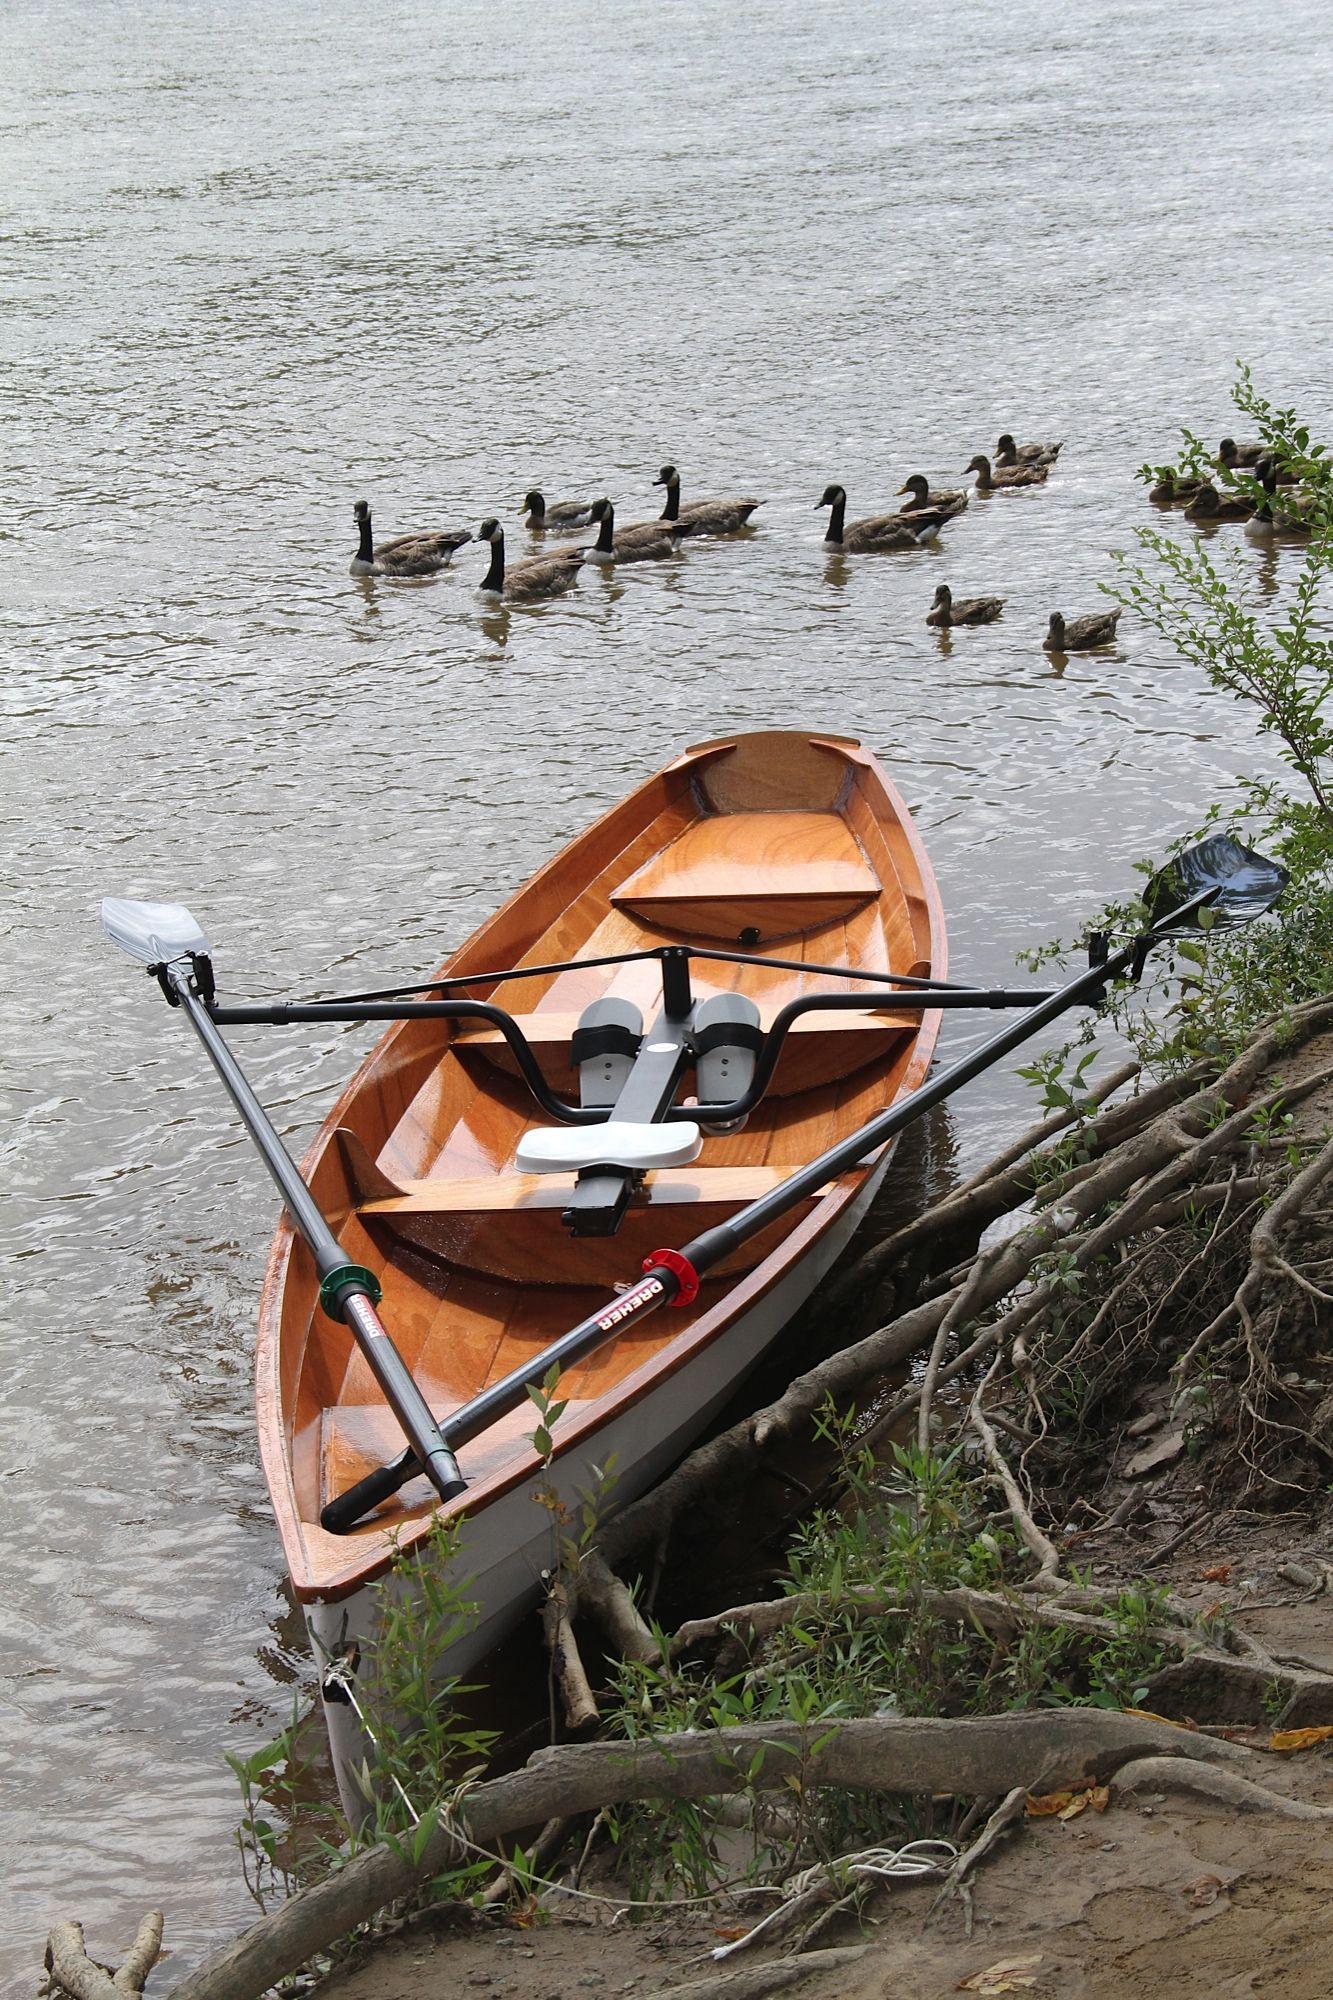 картинки академических лодок нашем случае